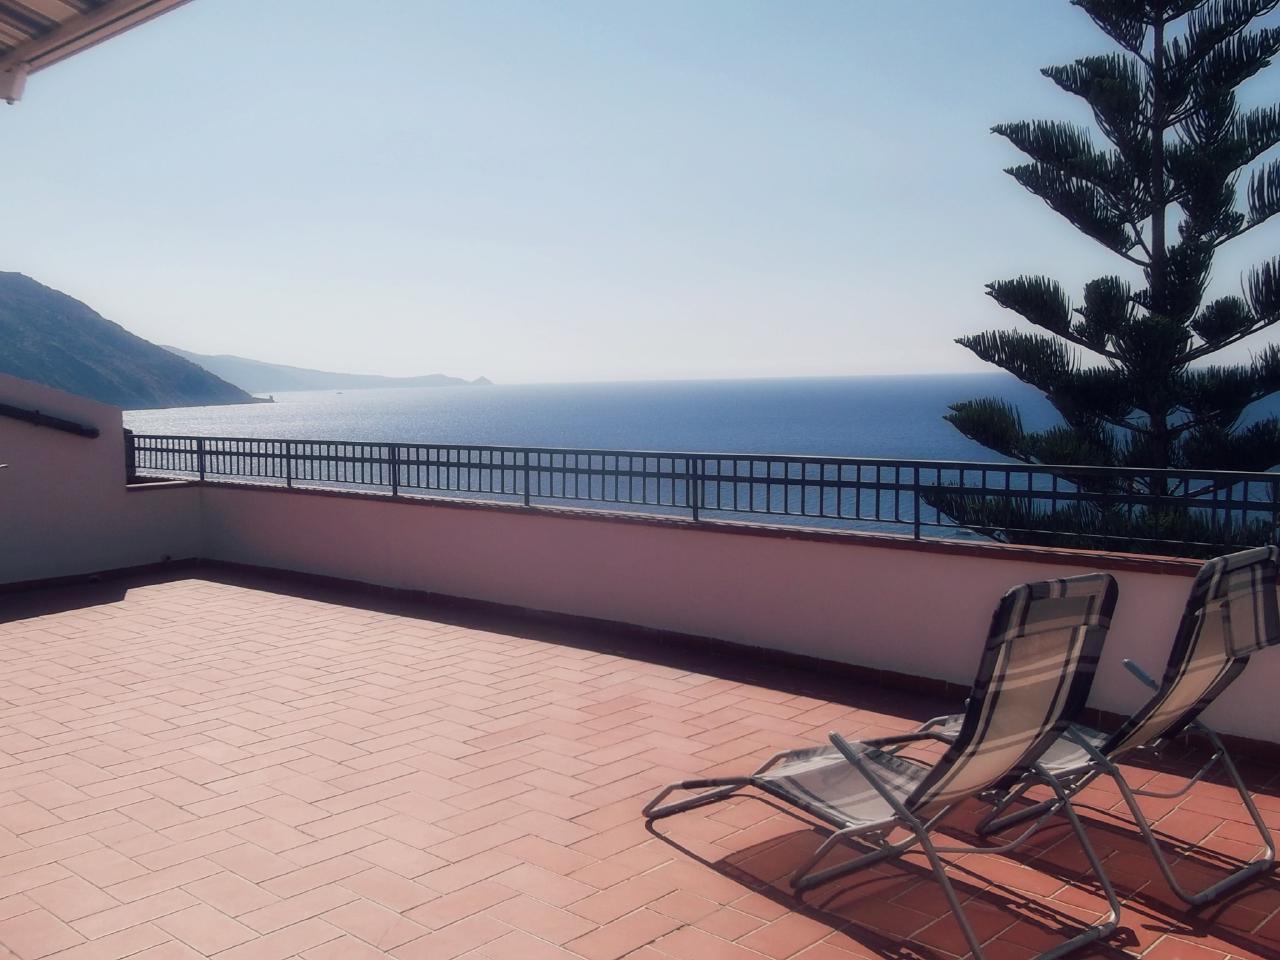 Maison de vacances Haus mit großen Terrasse mit Blick auf die Äolischen Inseln (1913481), Gioiosa Marea, Messina, Sicile, Italie, image 1